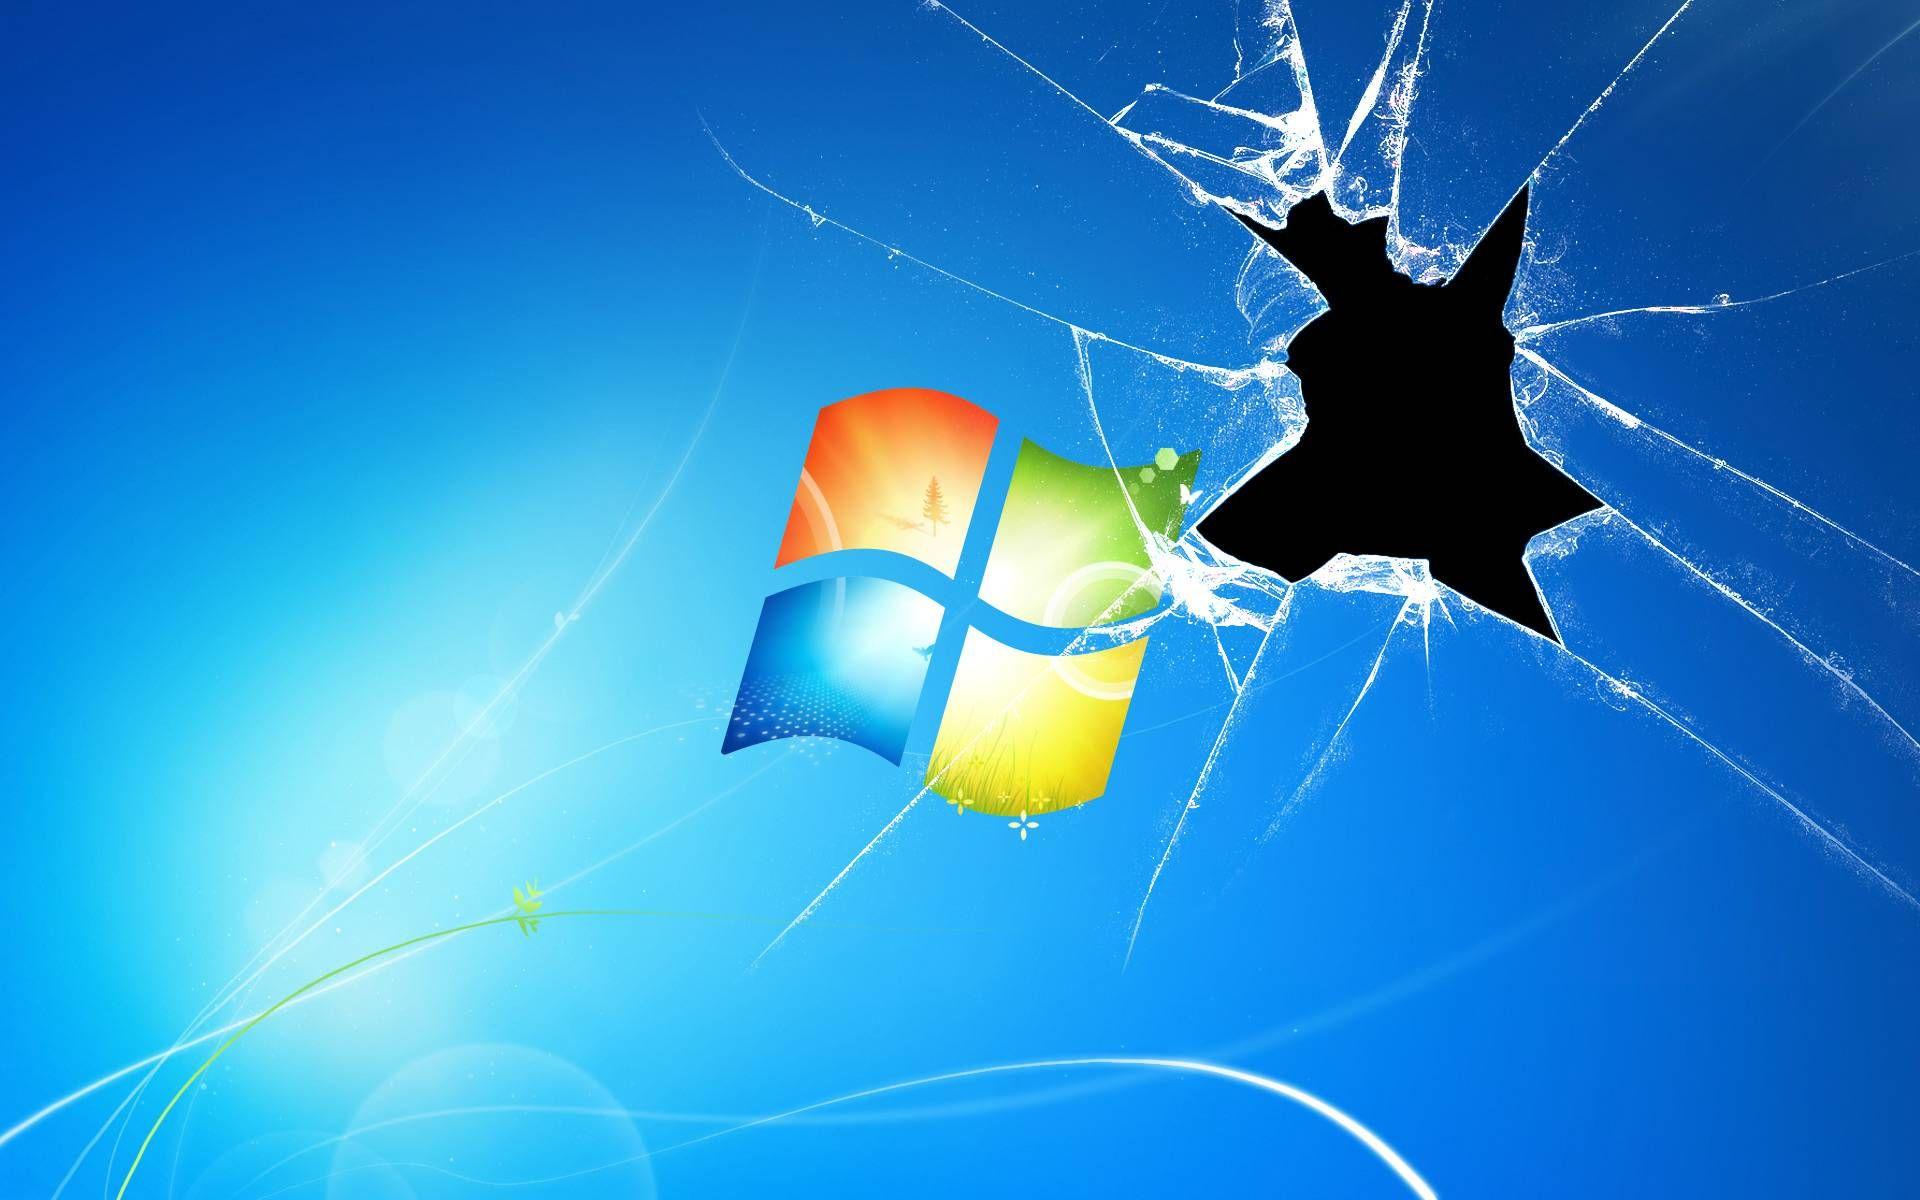 Broken Windows Computer Wallpaper Desktop Wallpapers Windows Wallpaper Broken Screen Wallpaper